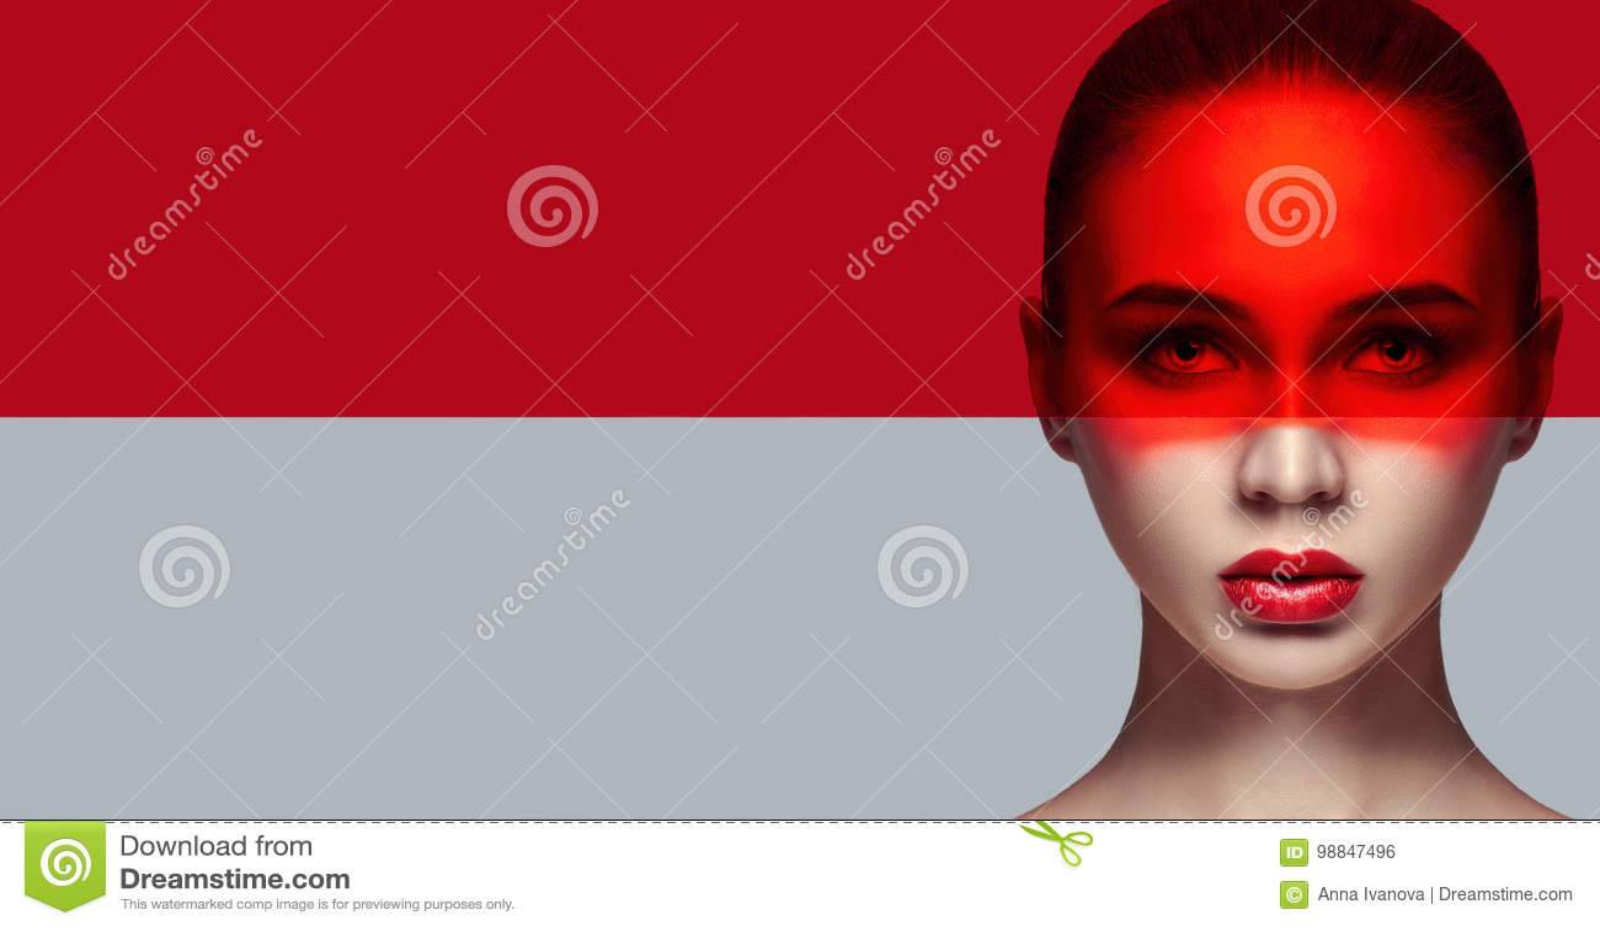 Καθαρό τέλειο δέρμα προτύπων και φυσικό makeup, φροντίδα δέρματος, φυσικά καλλυντικά Μακροχρόνια eyelashes και μεγάλα μάτια, κόκκ